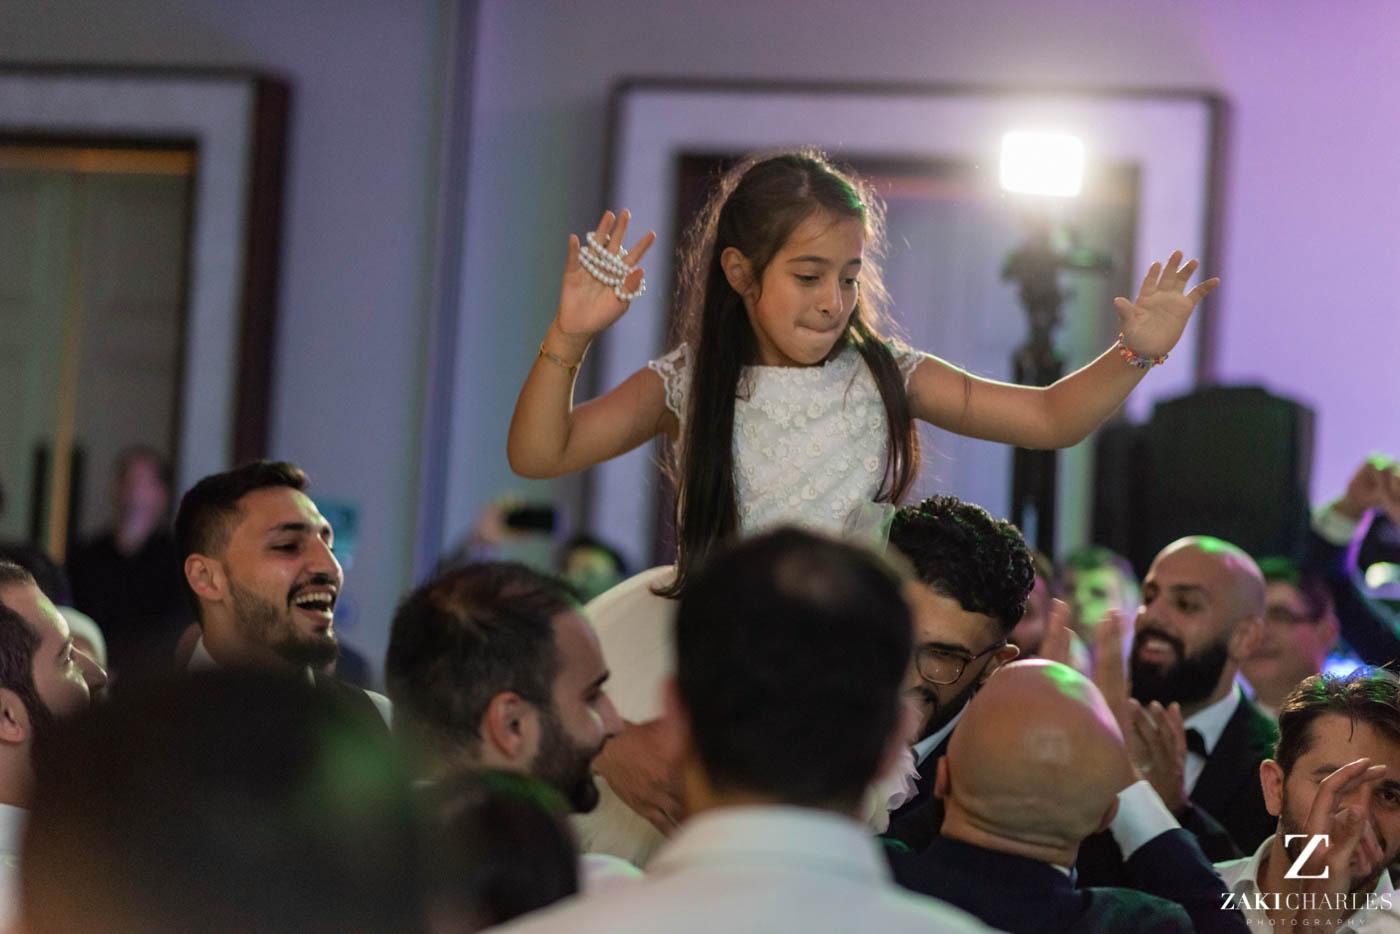 Guests dancing at Marriott Hotel Regents Park Wedding Venue 7